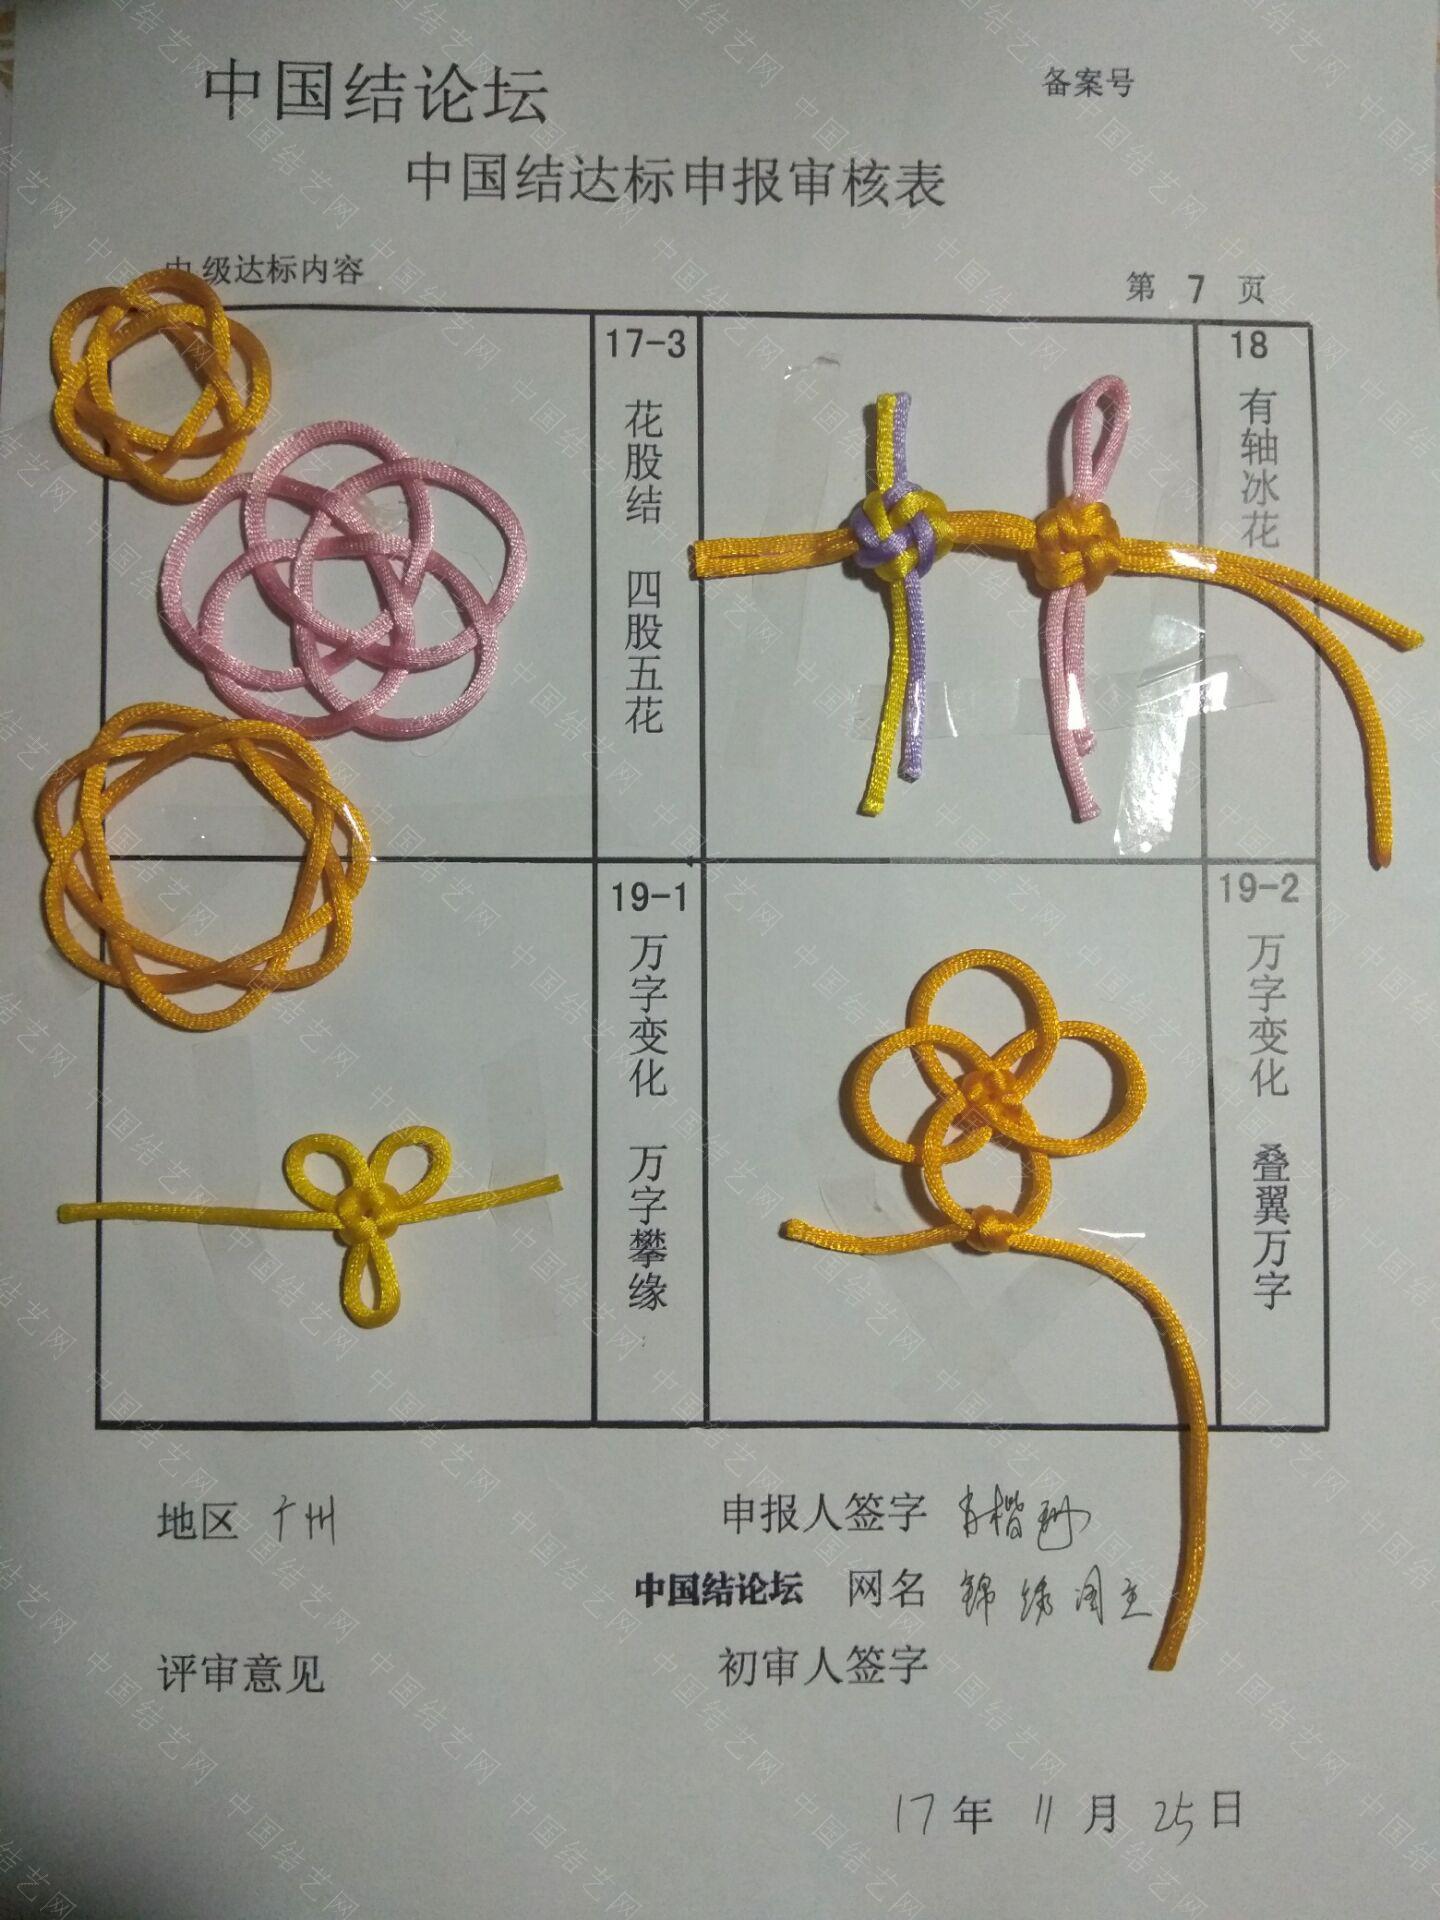 中国结论坛 锦绣阁主——中级提交申请  中国绳结艺术分级达标审核 165750naaetd61th1jau4n